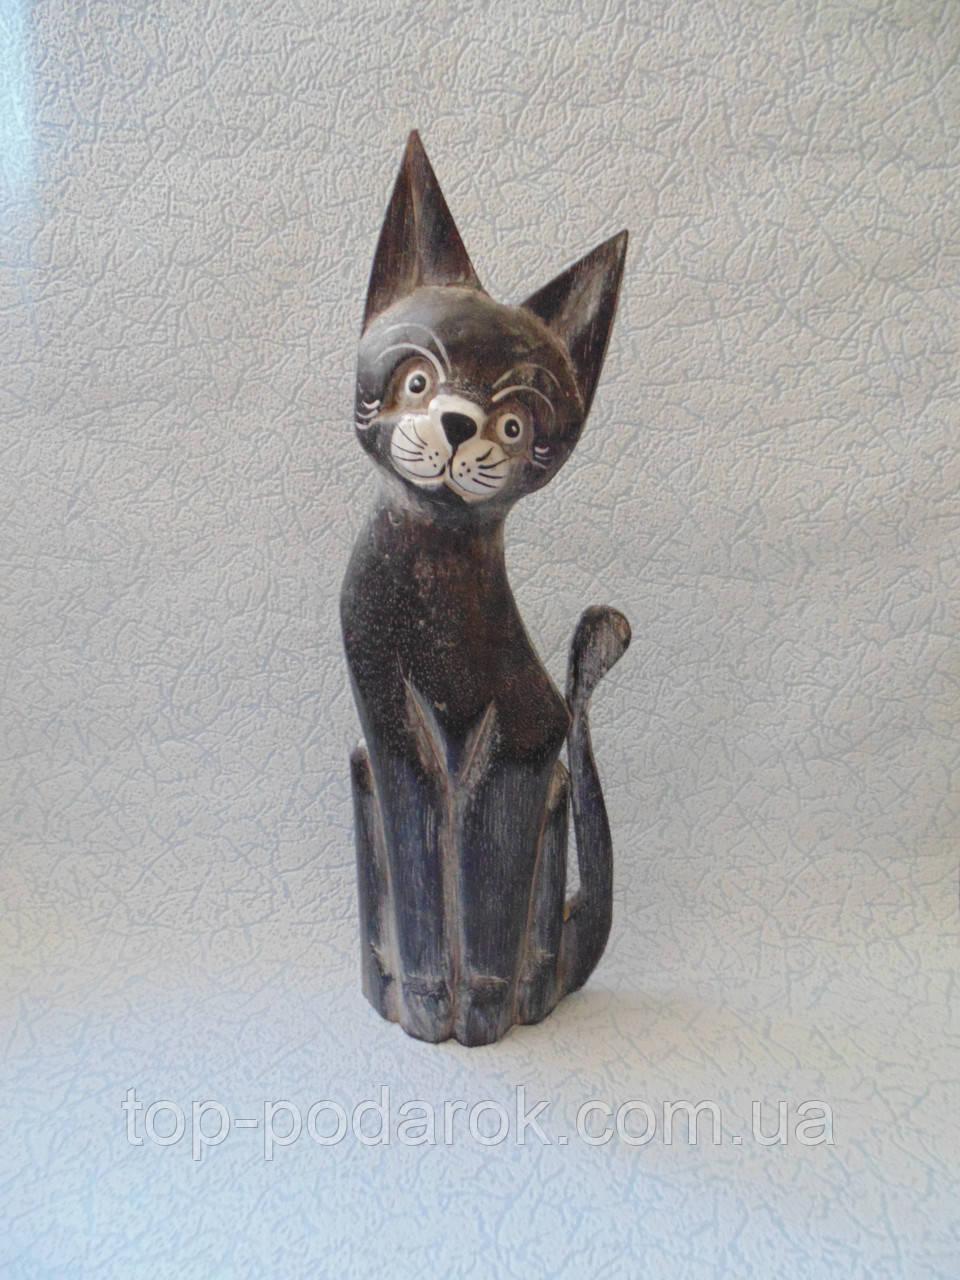 Статуэтка кошка деревянная высота 35 см